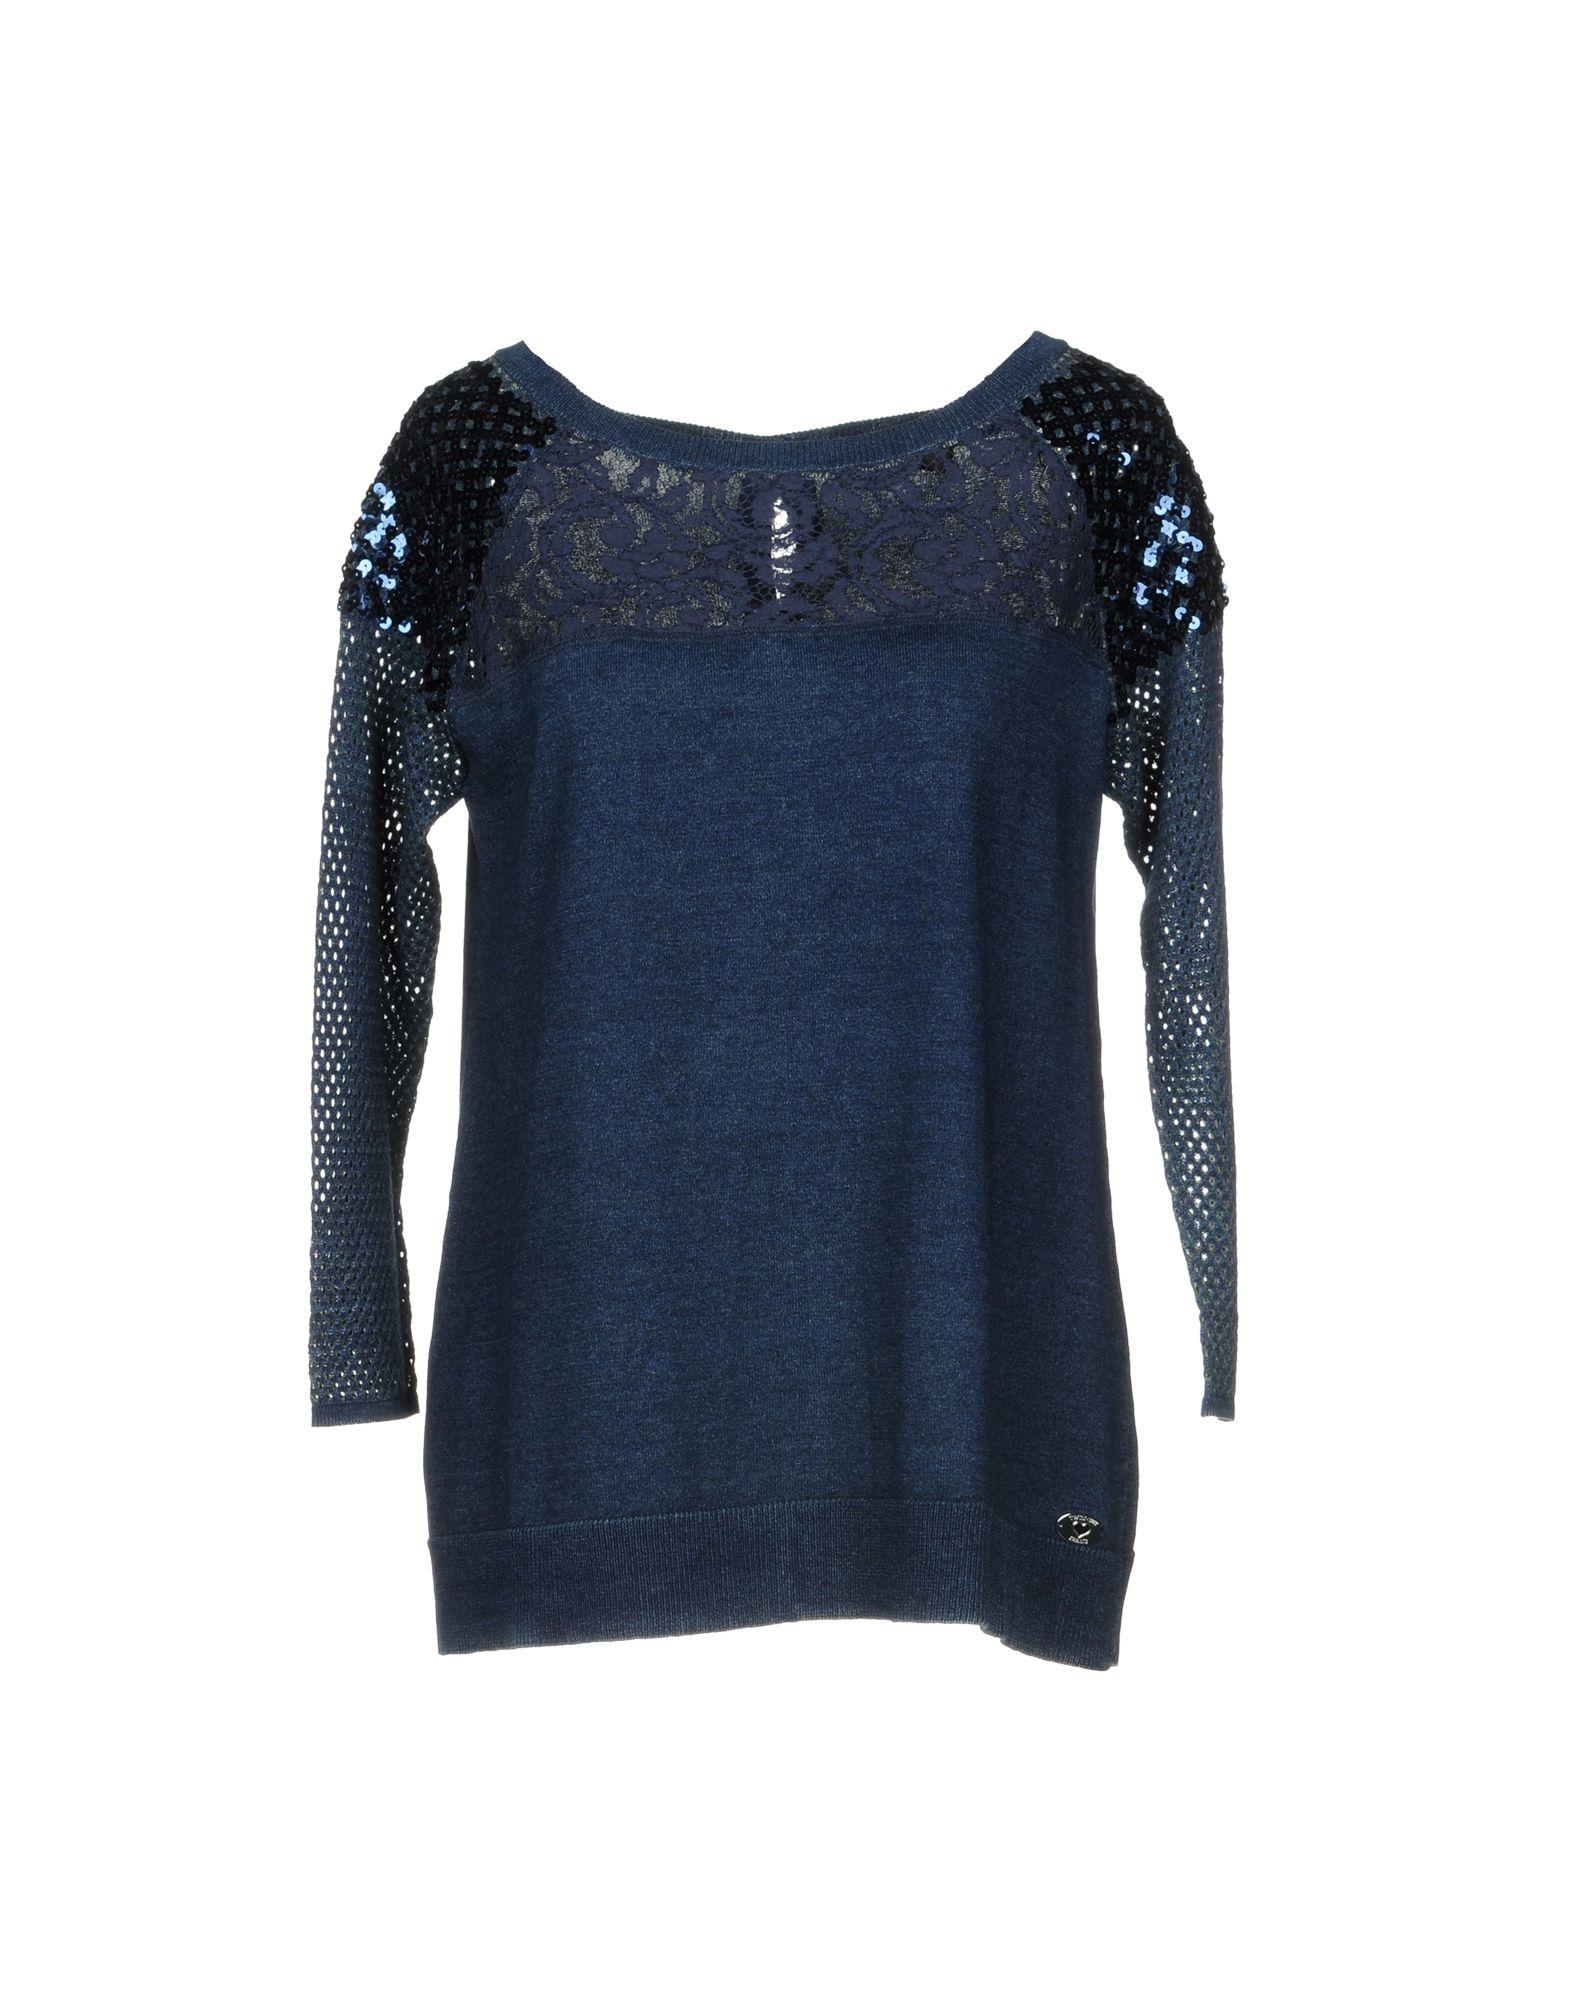 TWIN-SET JEANS Sweater in Dark Blue